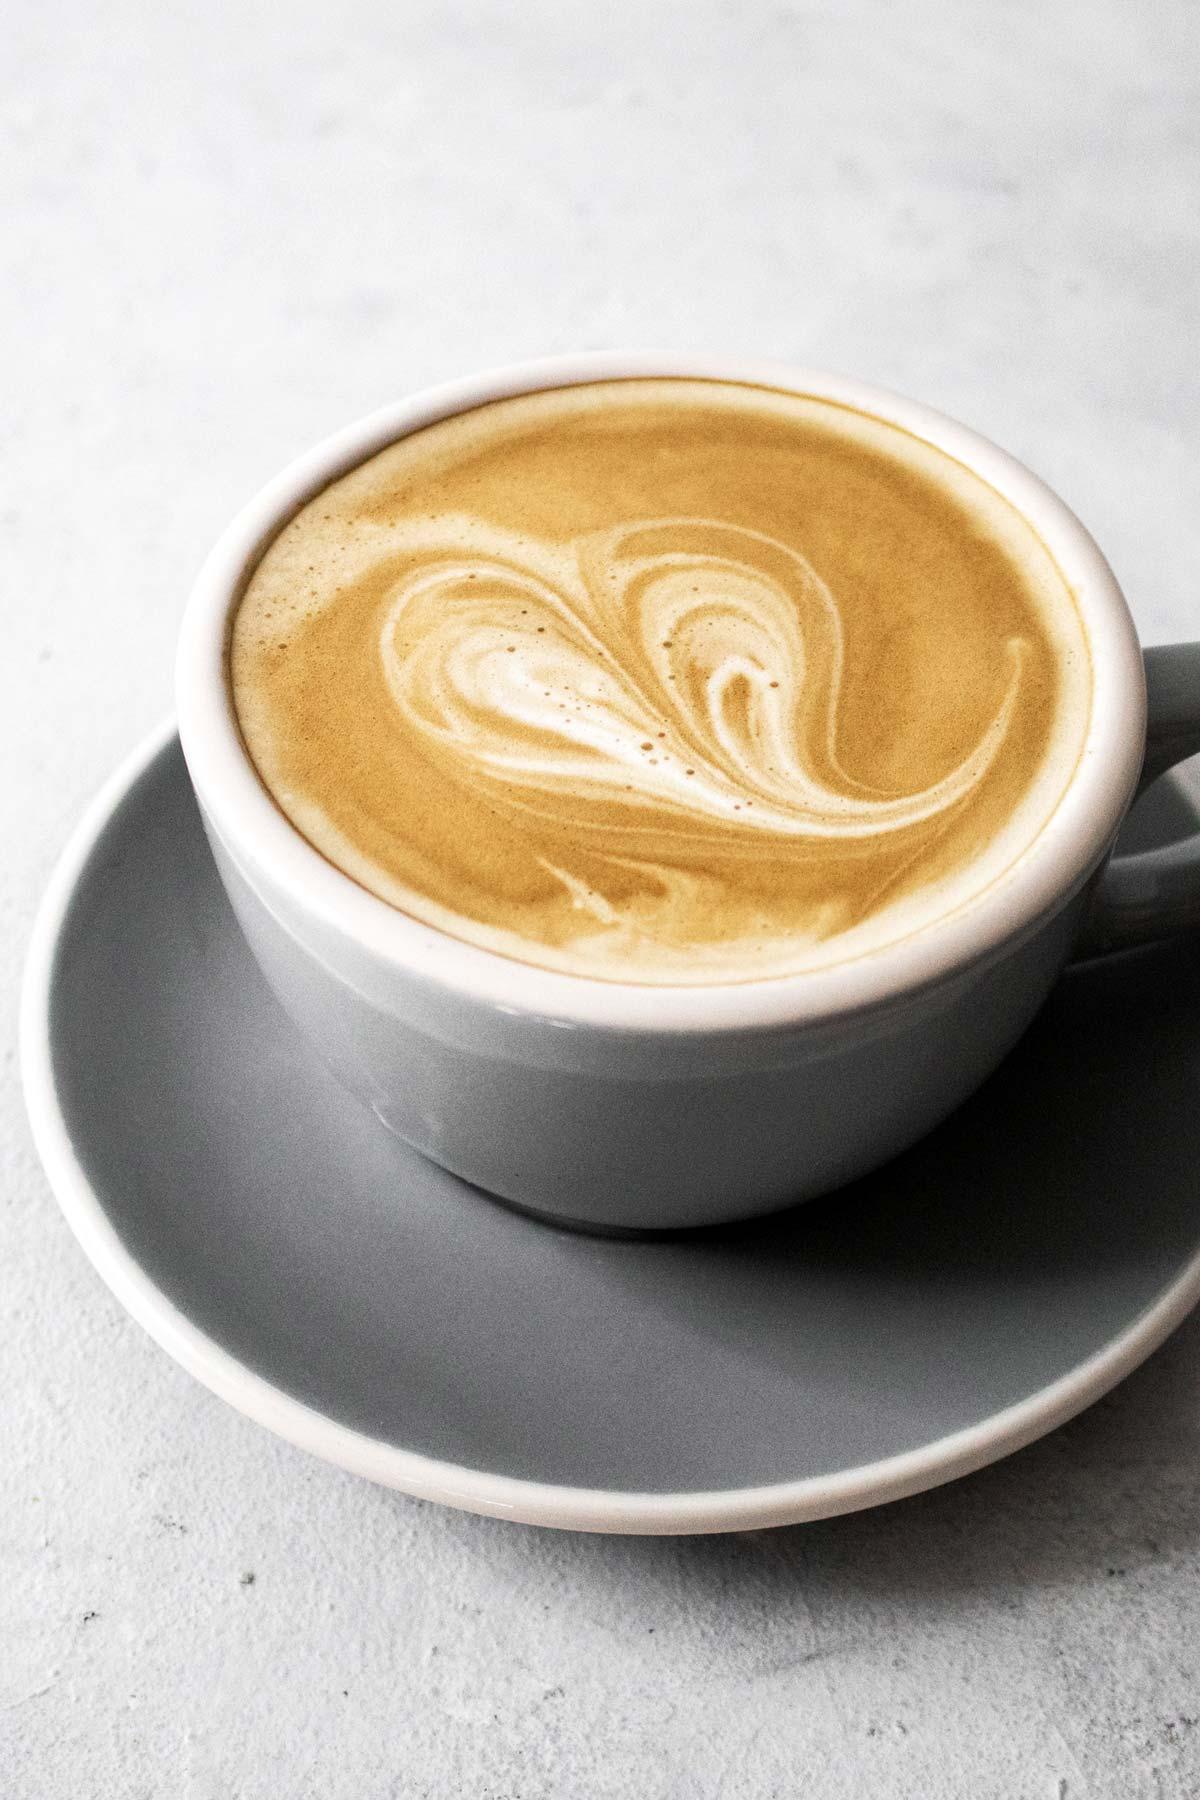 Latte in a grey mug.